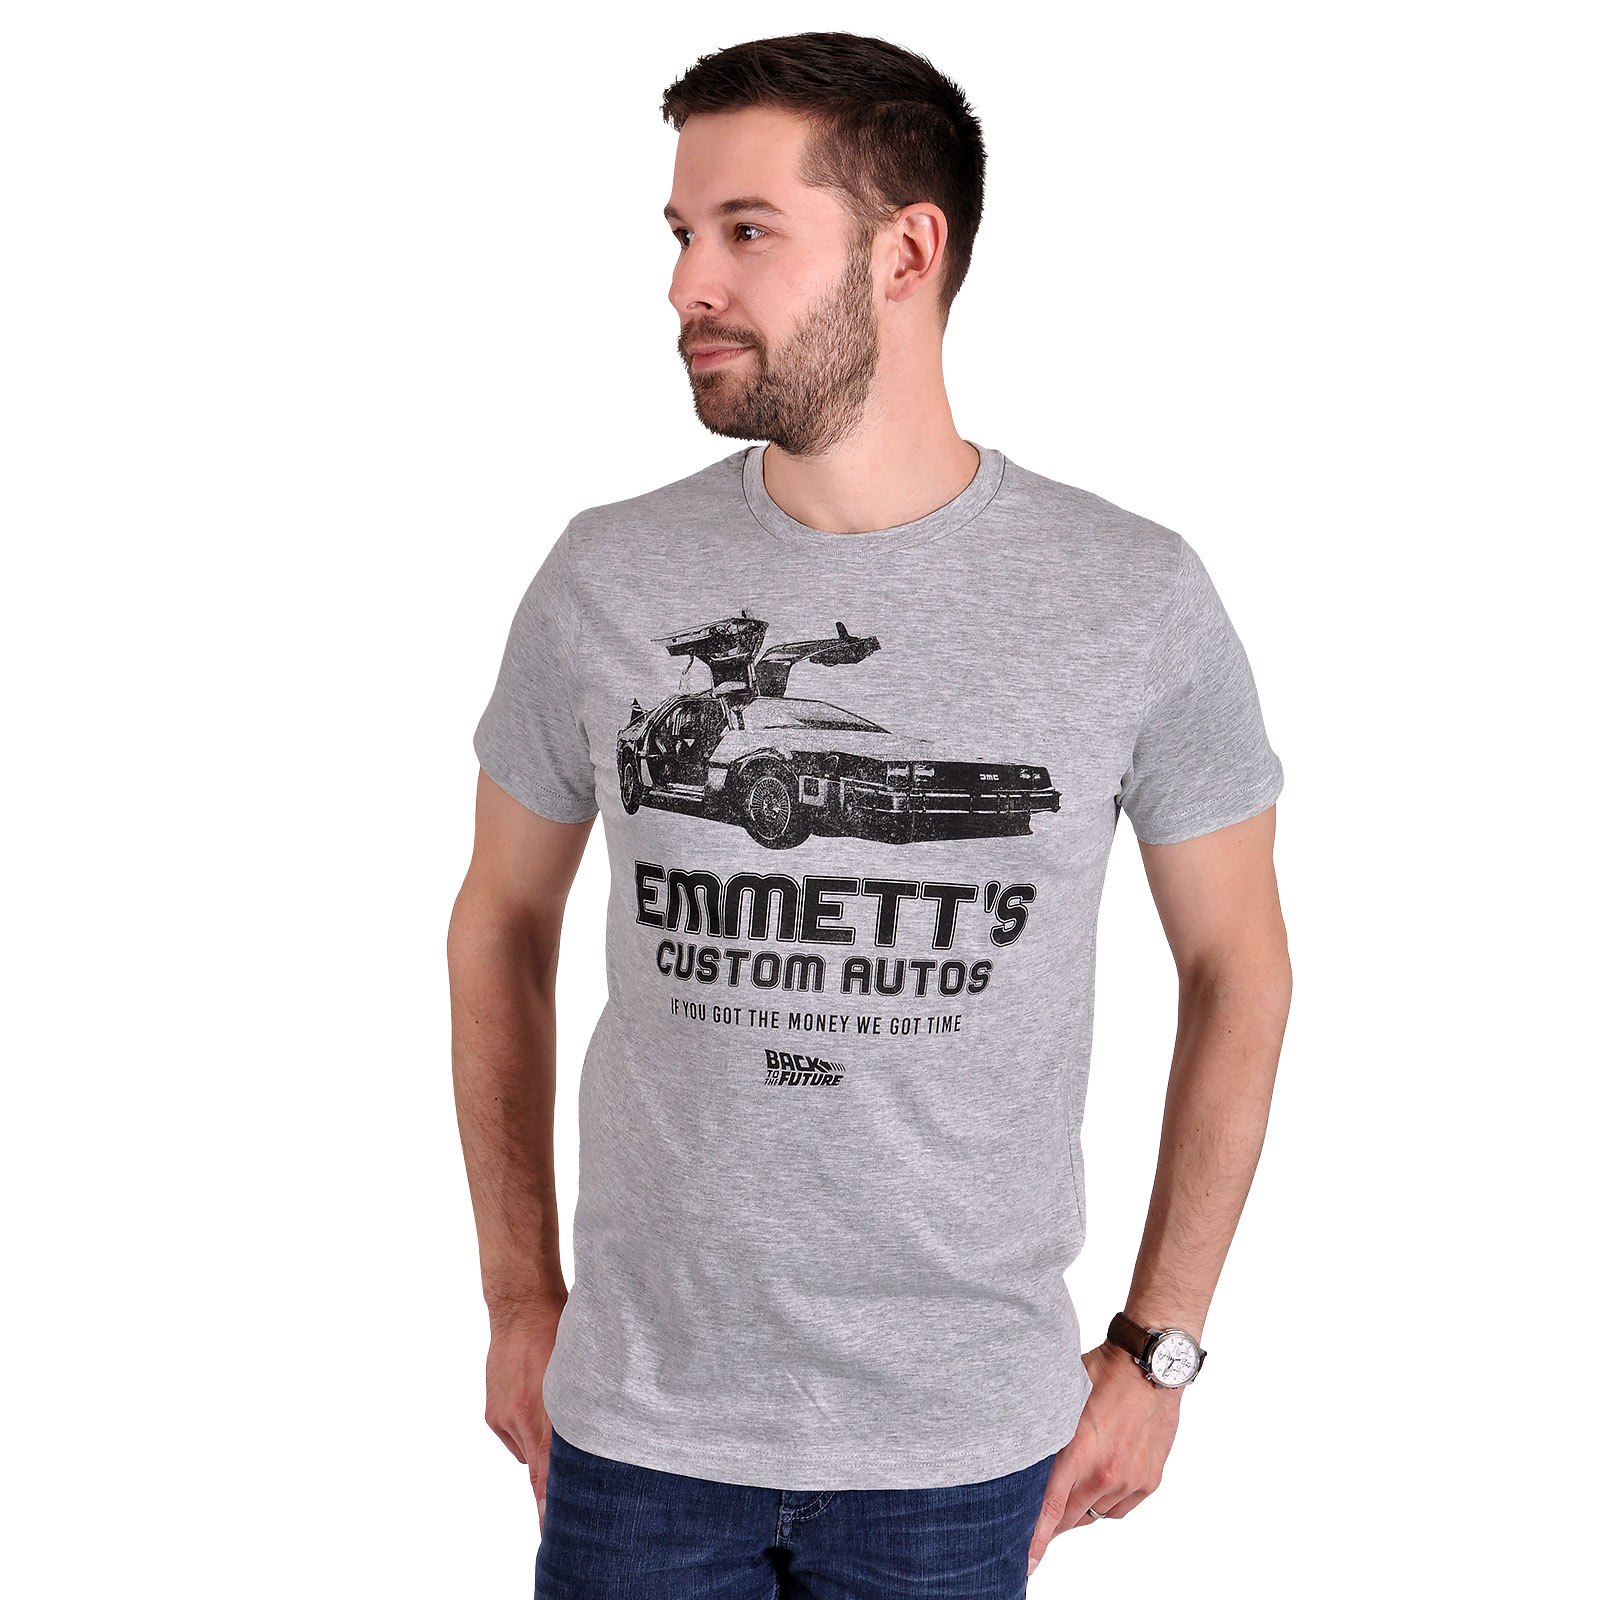 Zurück in die Zukunft - Emmett's Custom Autos T-Shirt grau